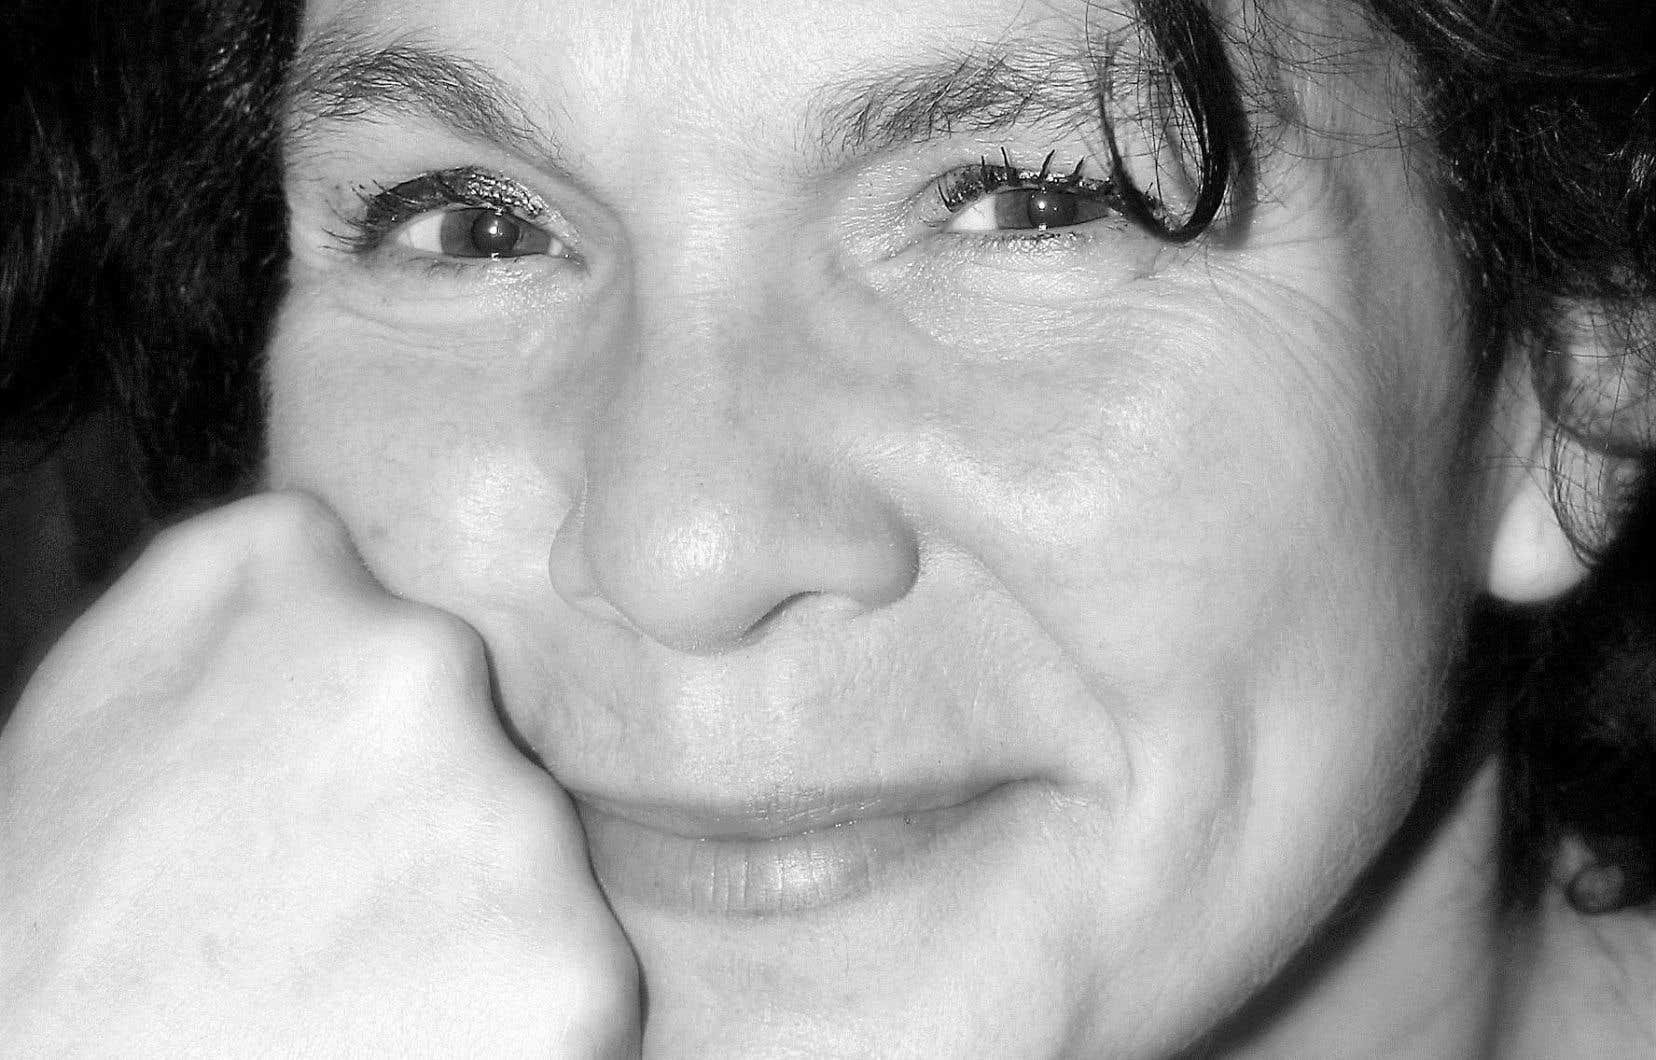 Sonia Perron tente ce que peu oseraient faire: raconter l'intolérable, avec une sobriété dénuée d'euphémisme.